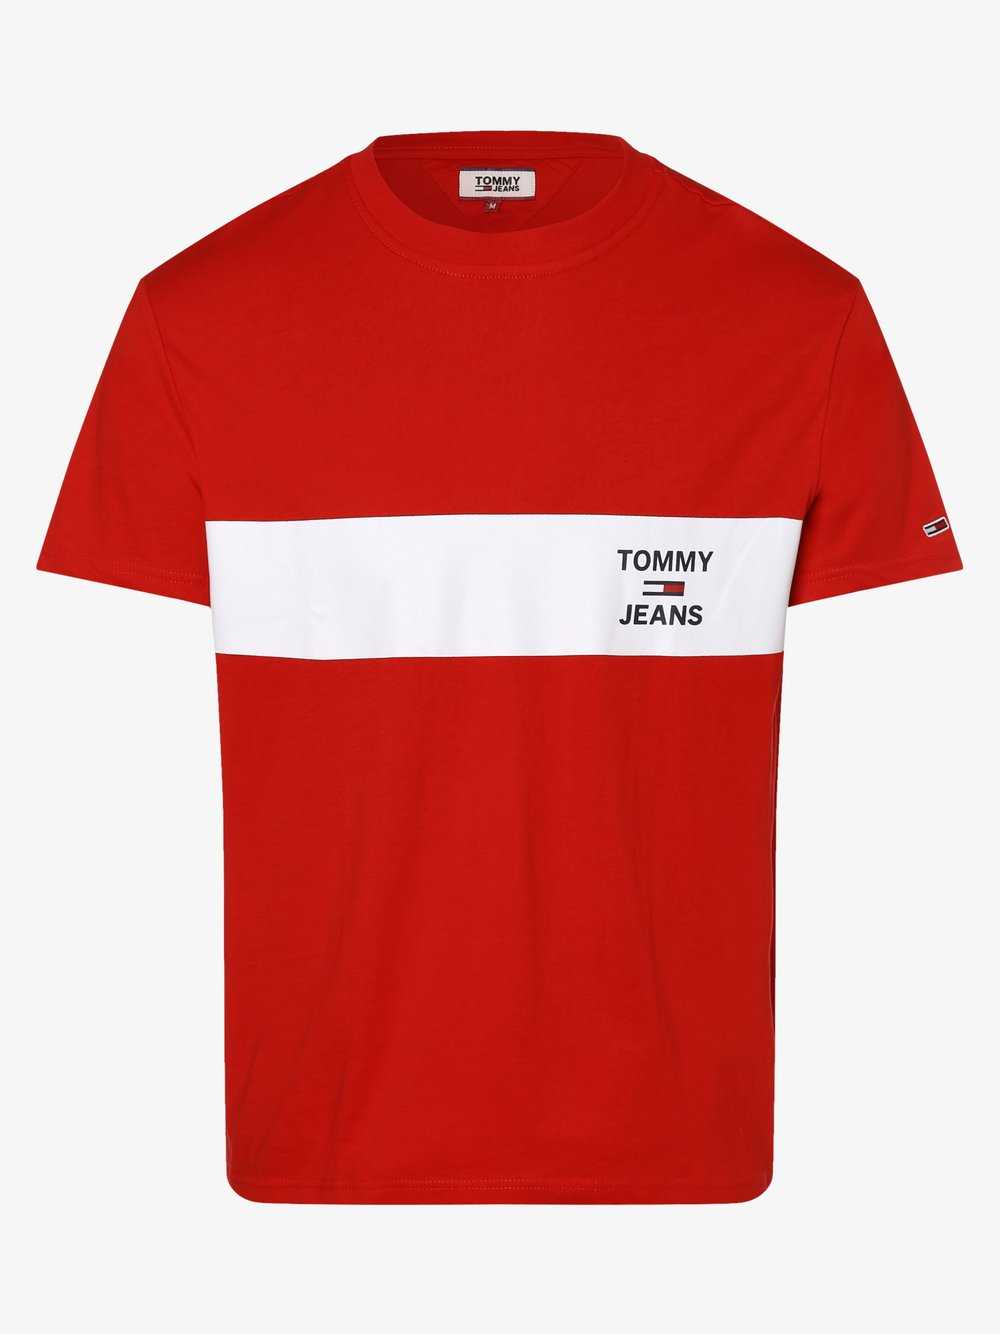 Tommy Jeans - T-shirt męski, czerwony